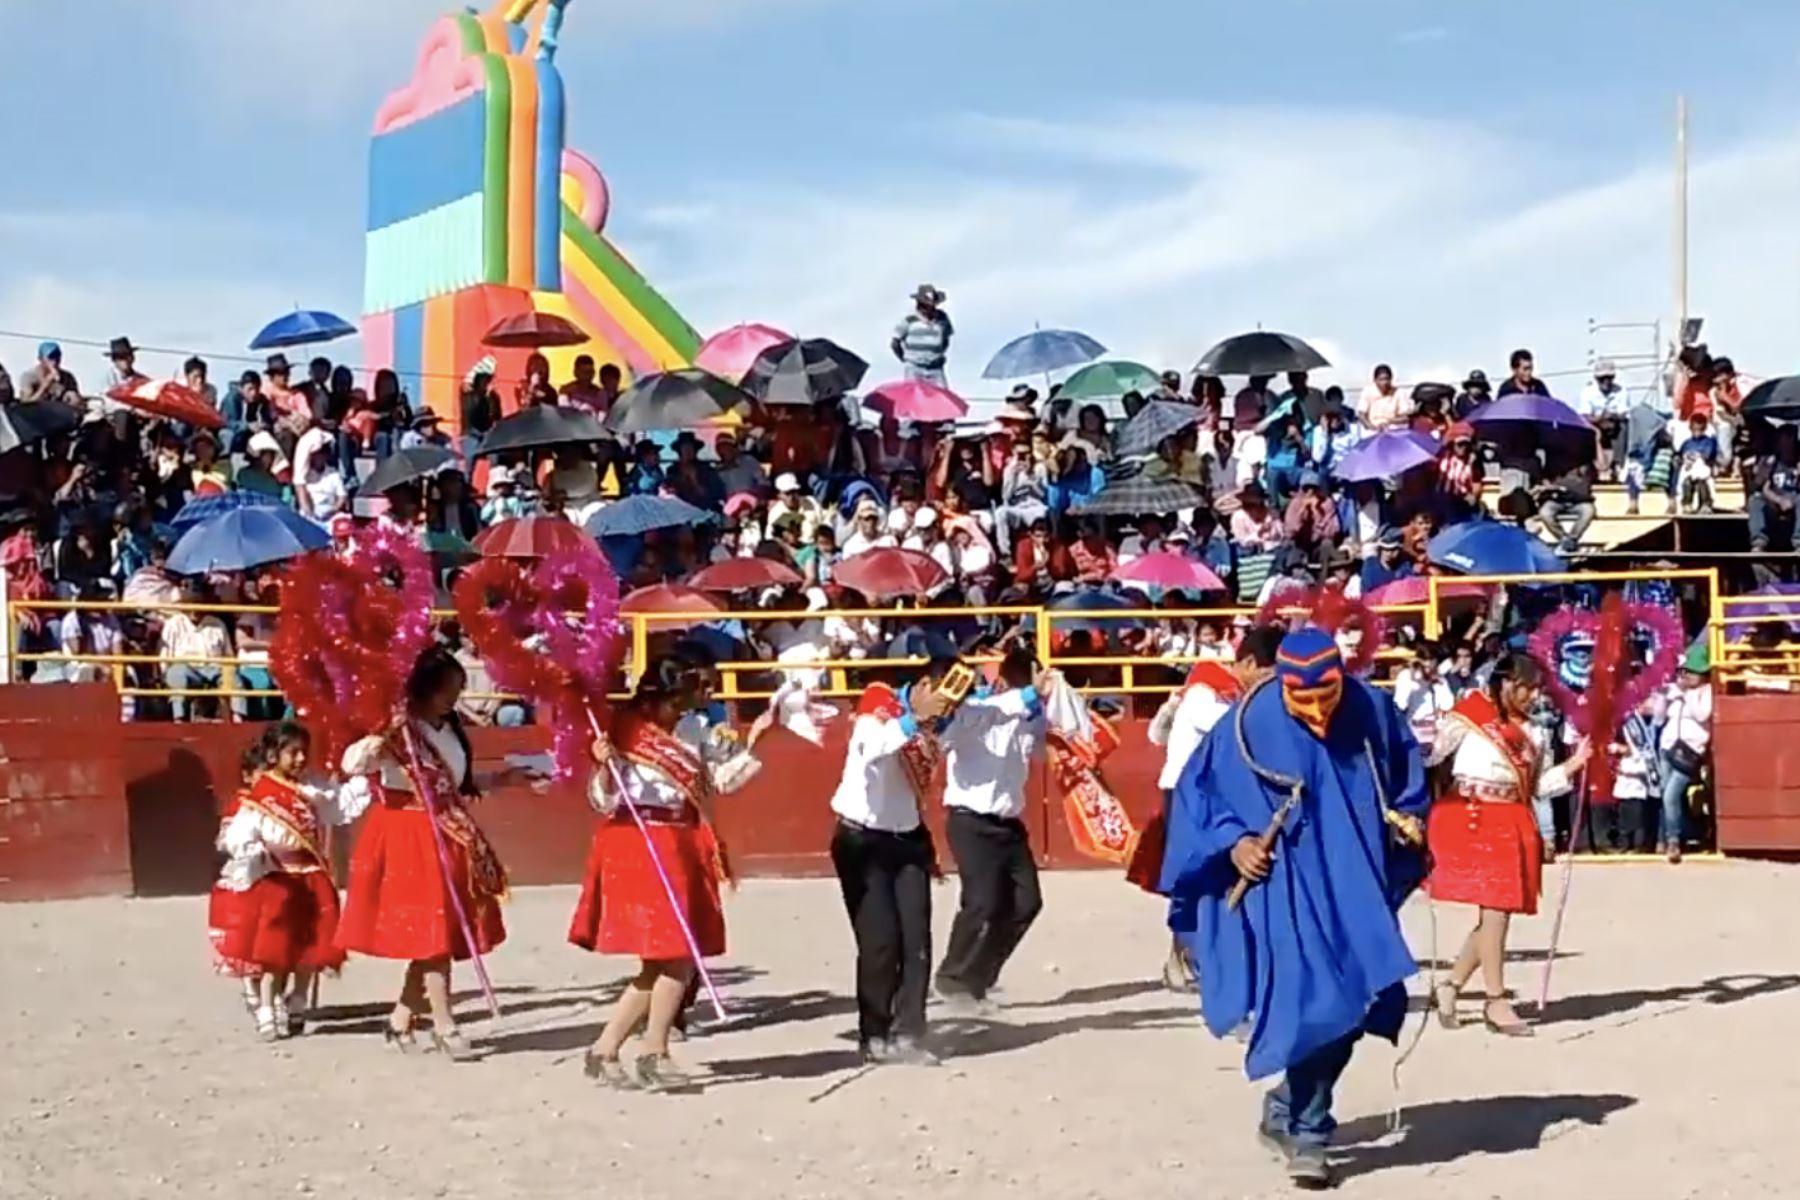 Atipanakuy navideño de la provincia de Huanca Sancos (Ayacucho) fue declarado Patrimonio Cultural de la Nación. Foto: ANDINA/Difusión